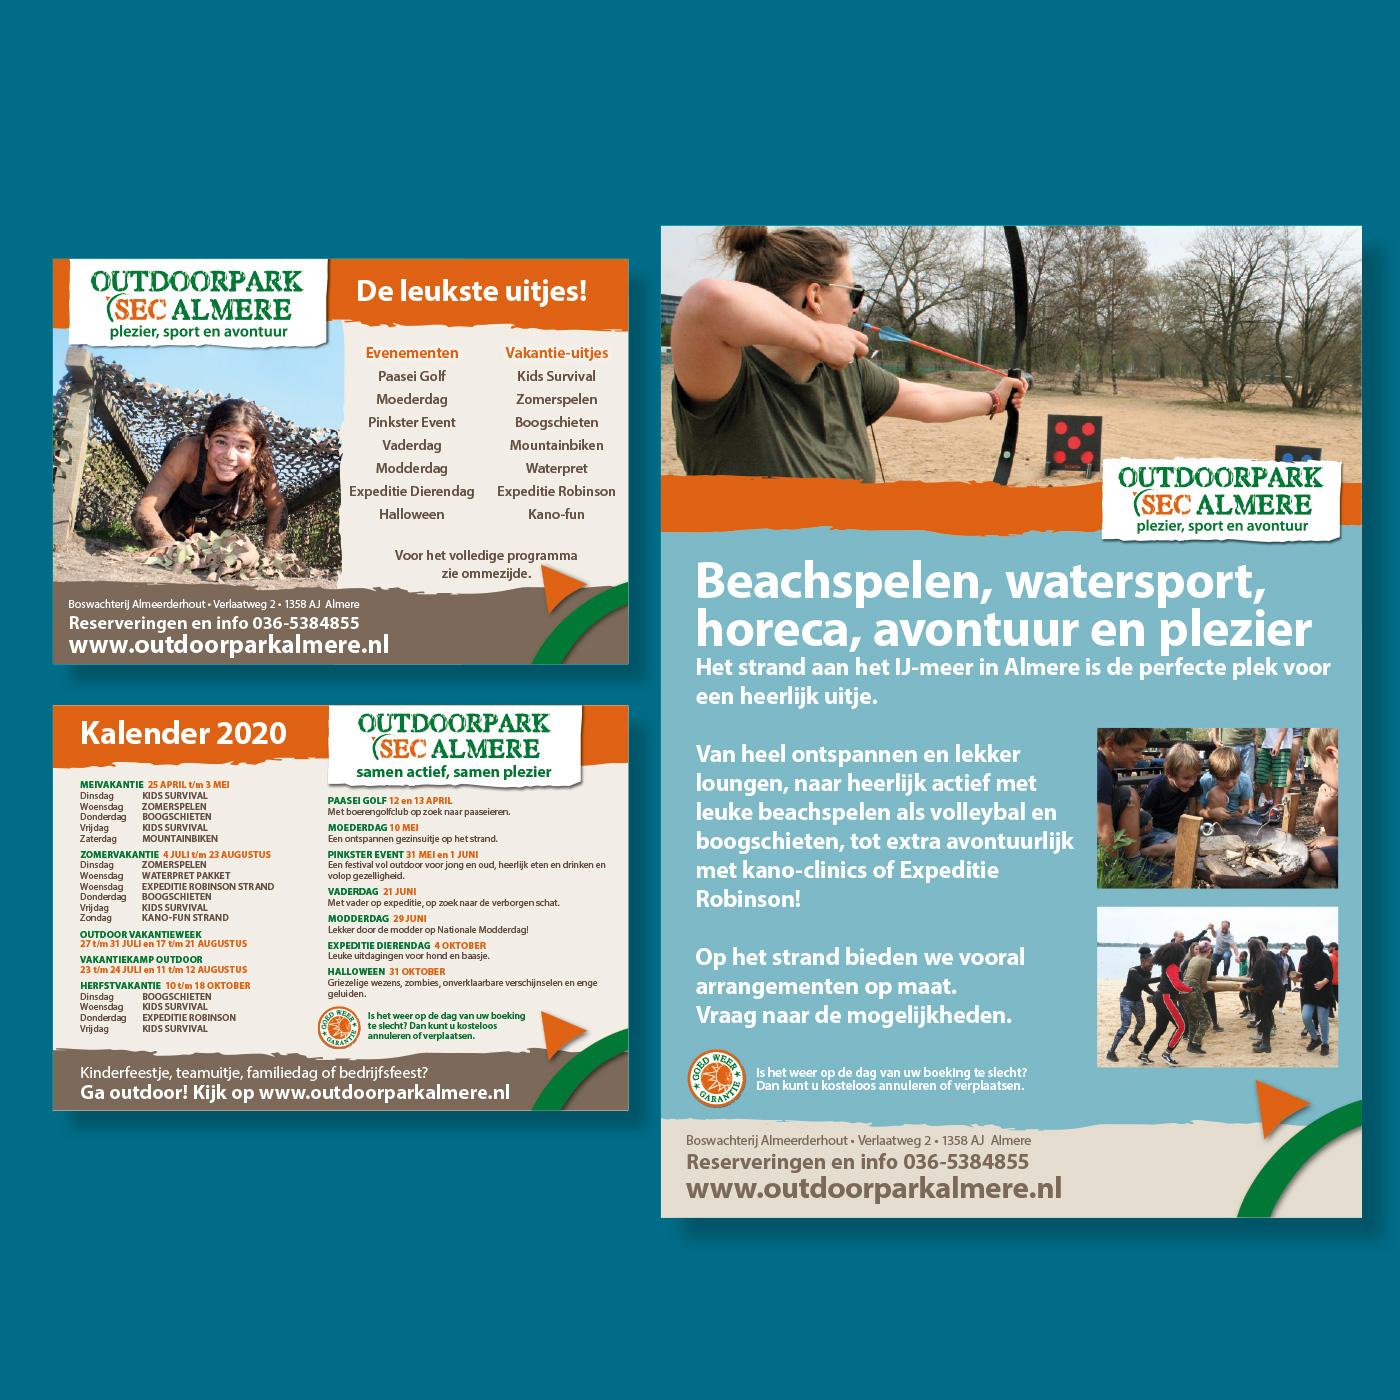 Promotiemateriaal van Outdoorpark SEC Almere: Flyers van de vakantie-uitjes en een van de posters uit de serie van speciale evenementen op het park.